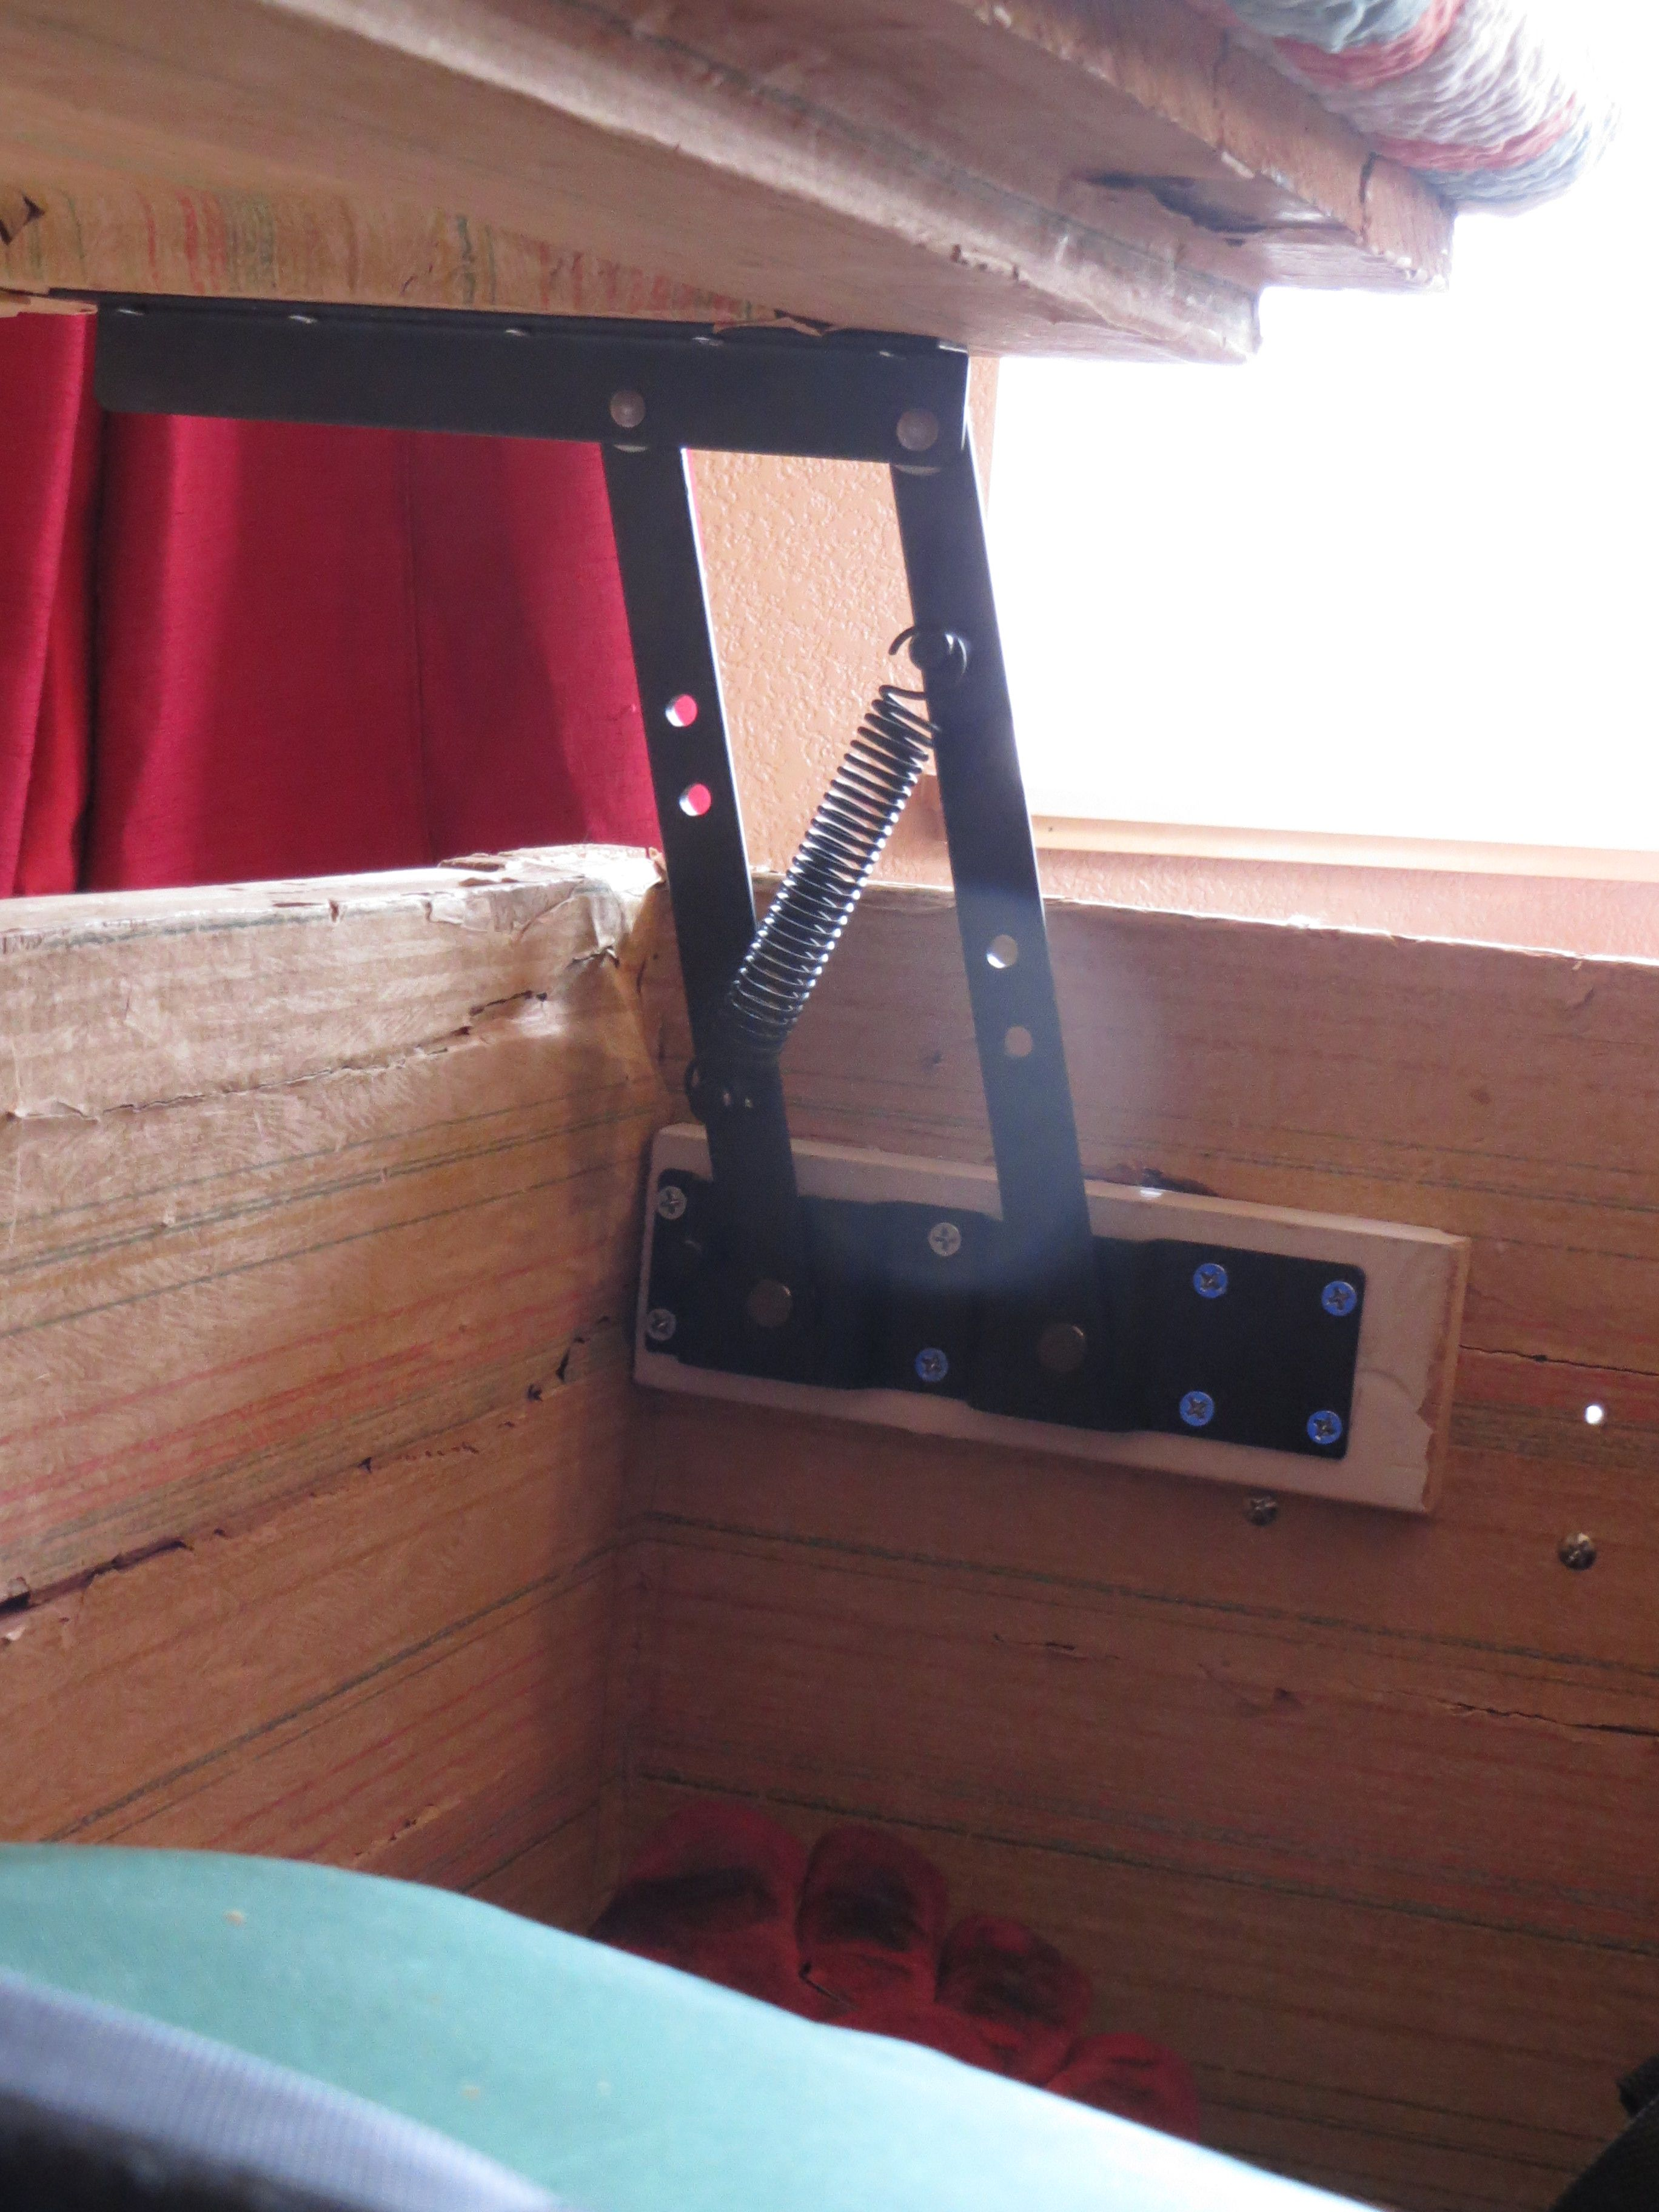 4d205c09c5470e91793c32f177045ba0 Luxe De Table Basse Convertible Ikea Des Idées